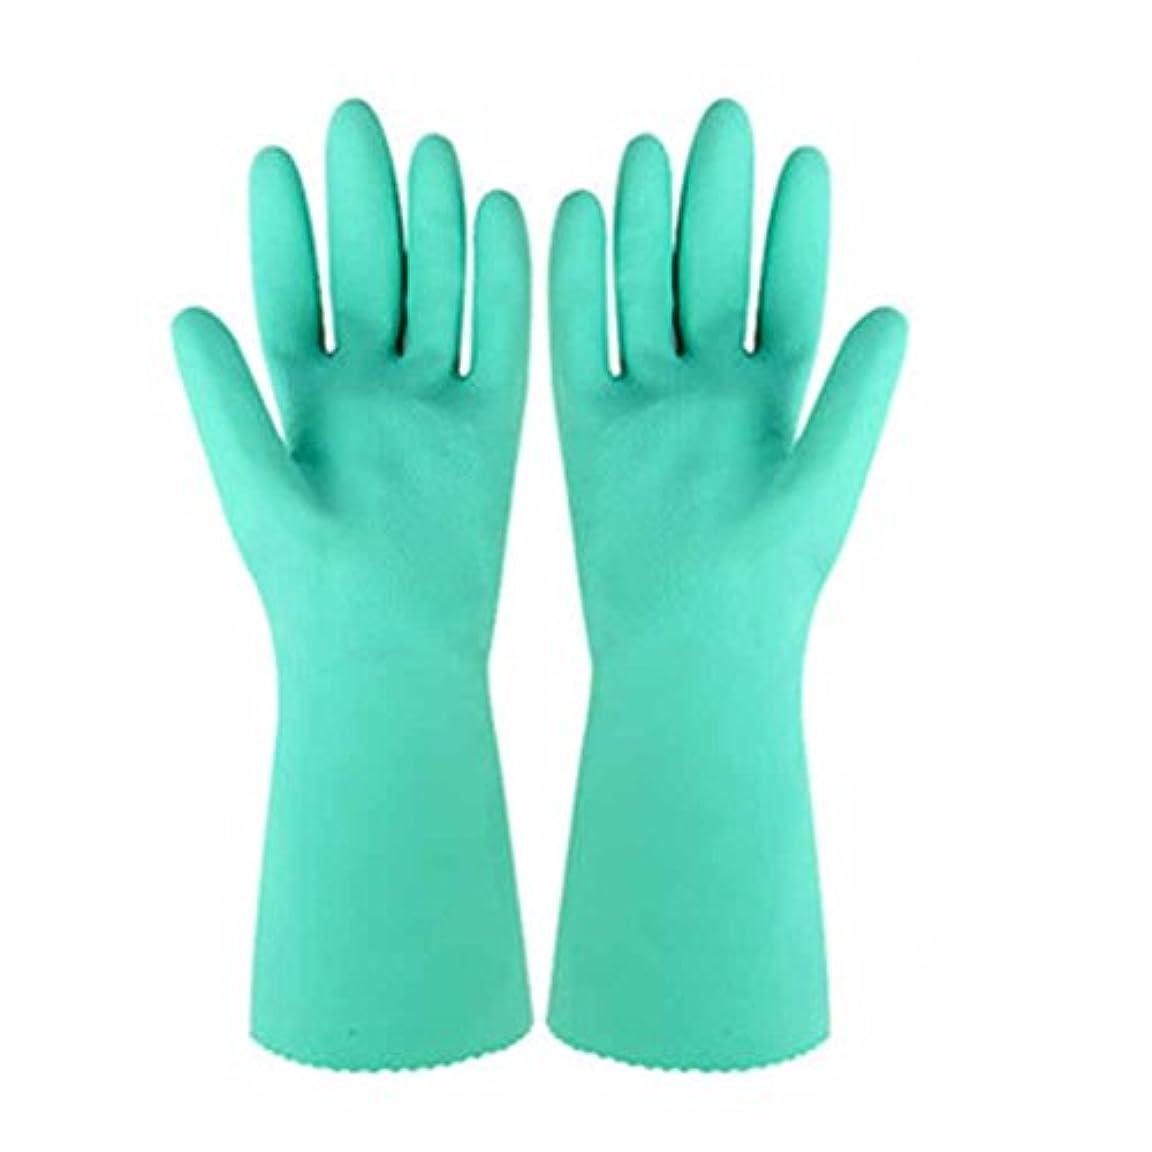 ソーセージバイオレットキャンディー使い捨て手袋 天然ゴム滑り止め耐久手袋キッチン多機能防水アンチオイル手袋 (Size : Four)